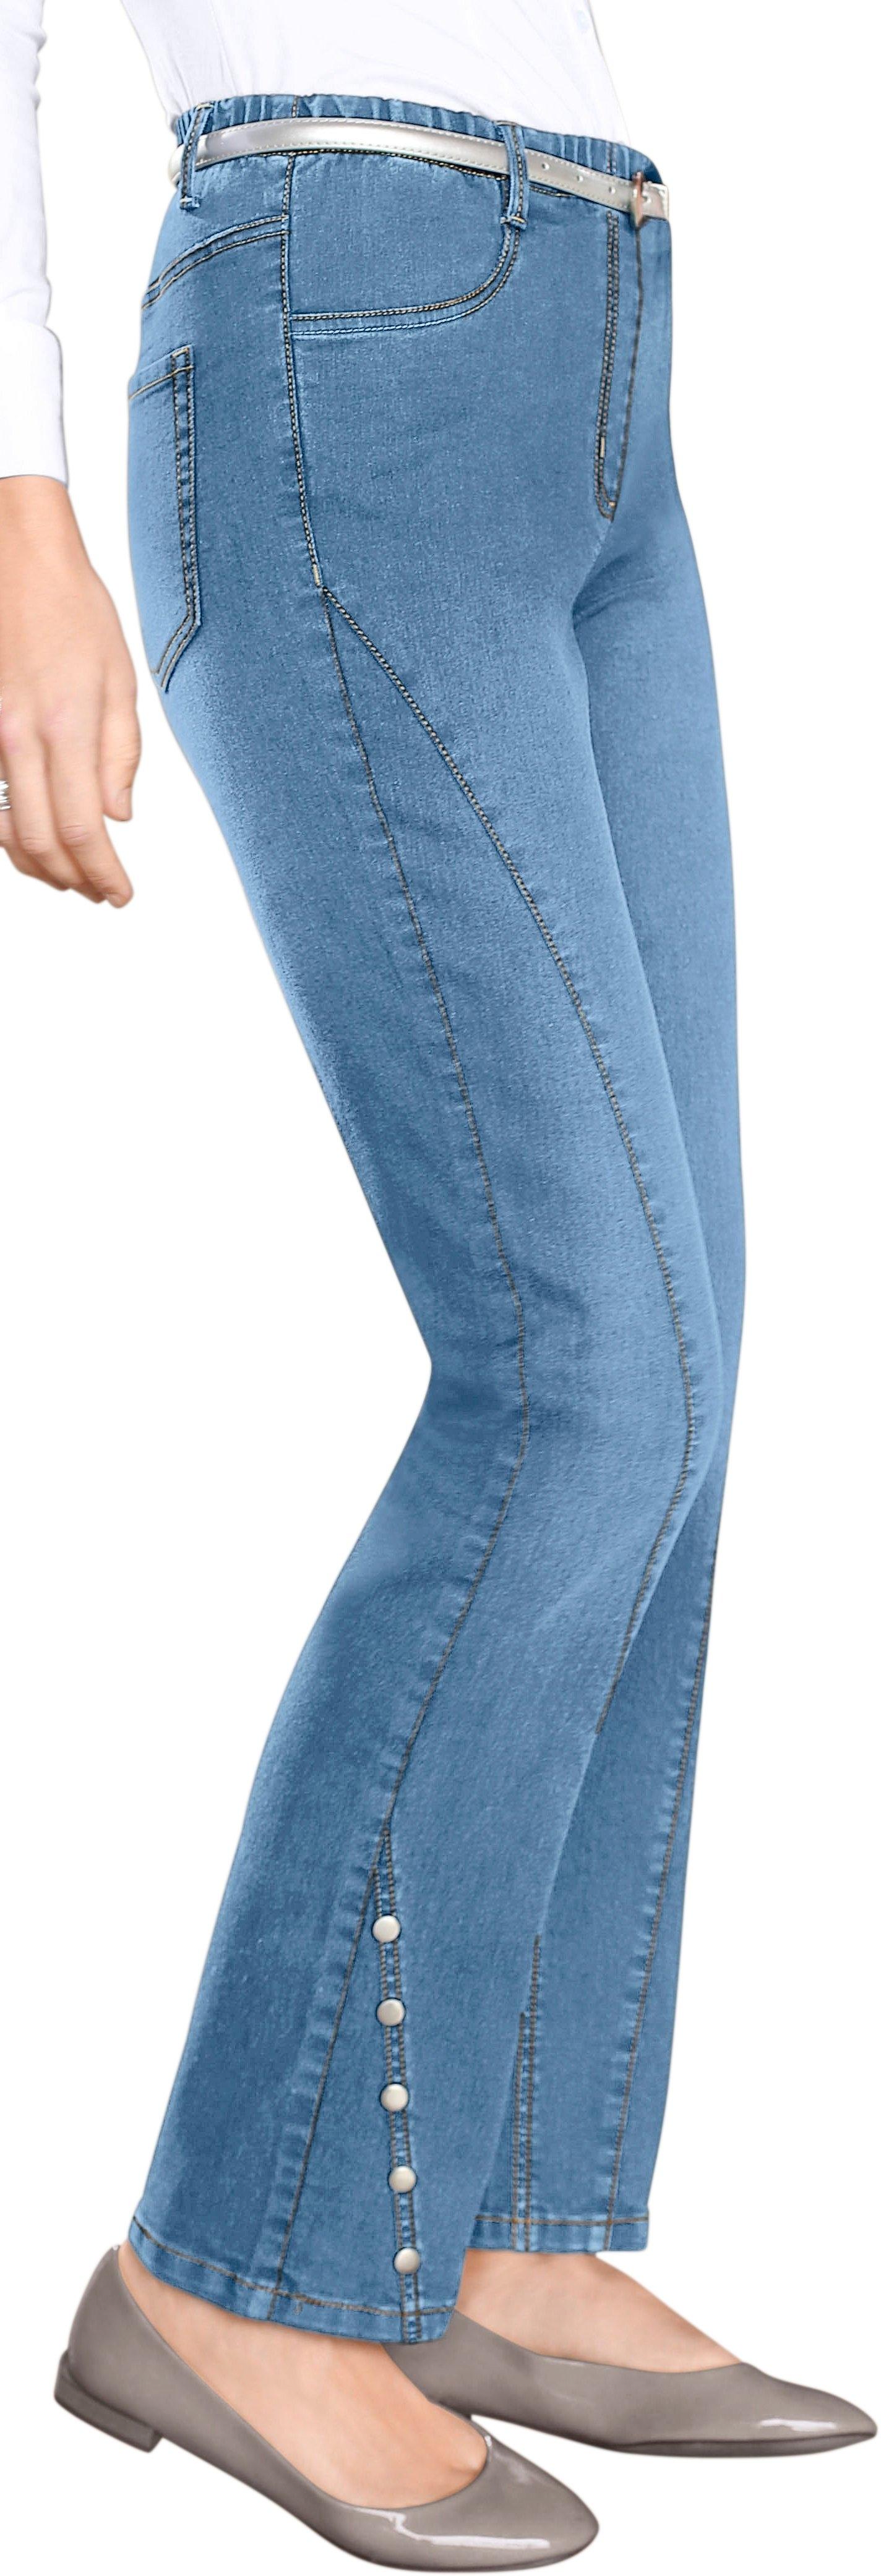 Achter Basics Je Classic Met Modellerend Koop Jeans Heupstuk Bij N0O8ynwvmP